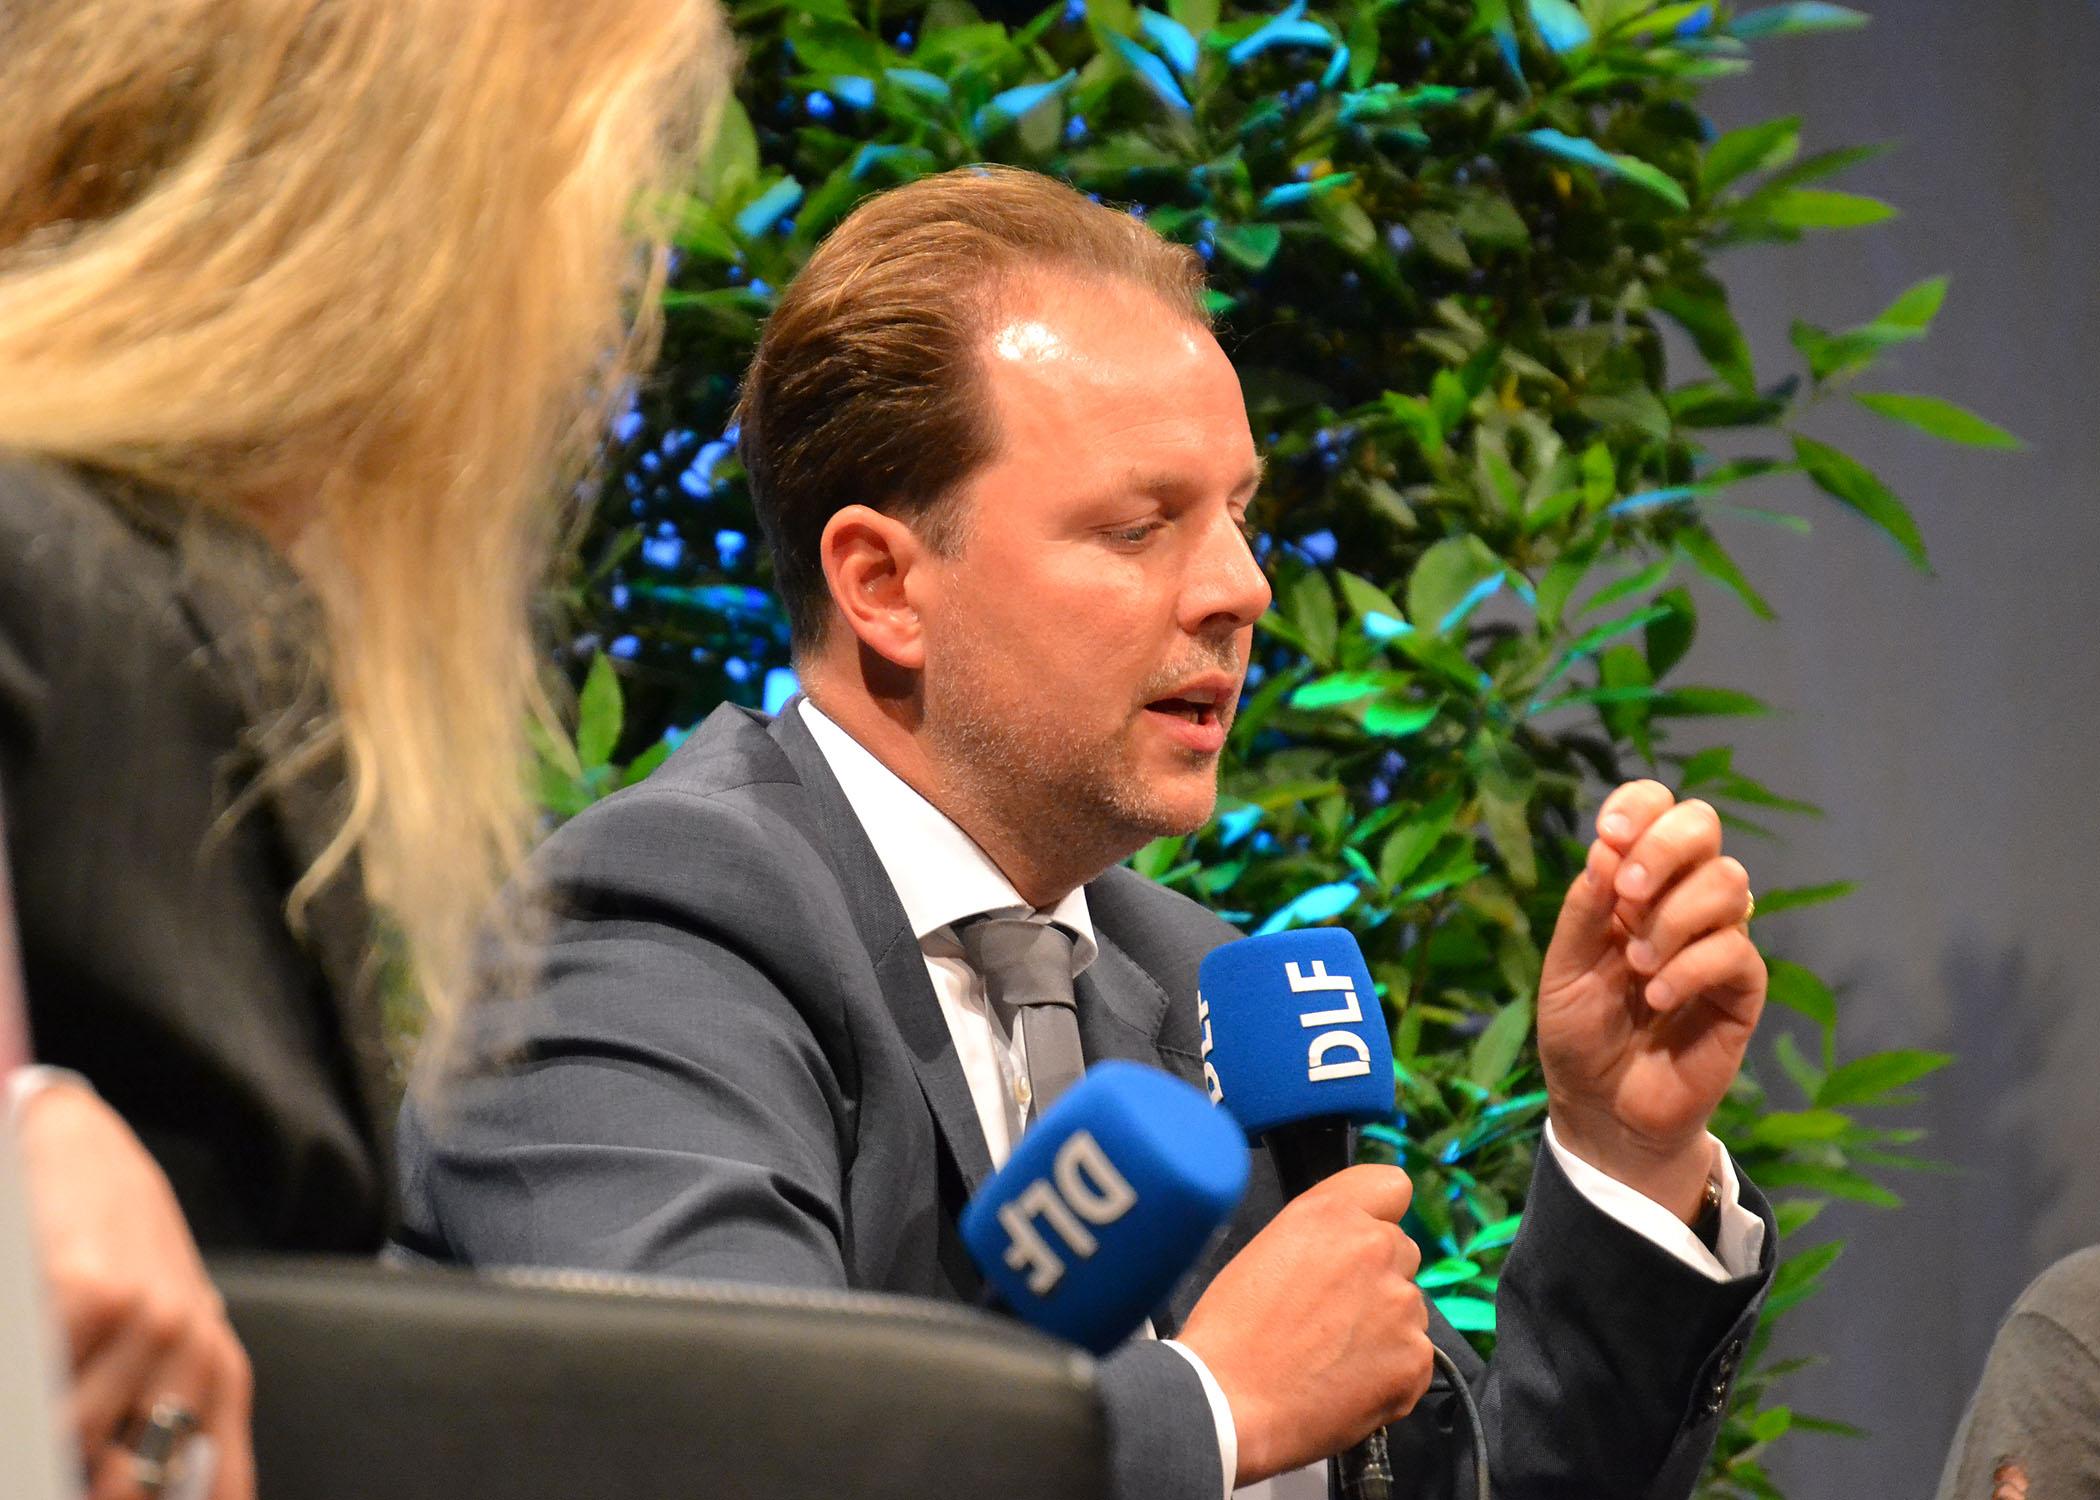 Christian Solmecke ist Anwalt und gefragter Experte für Medienrecht.